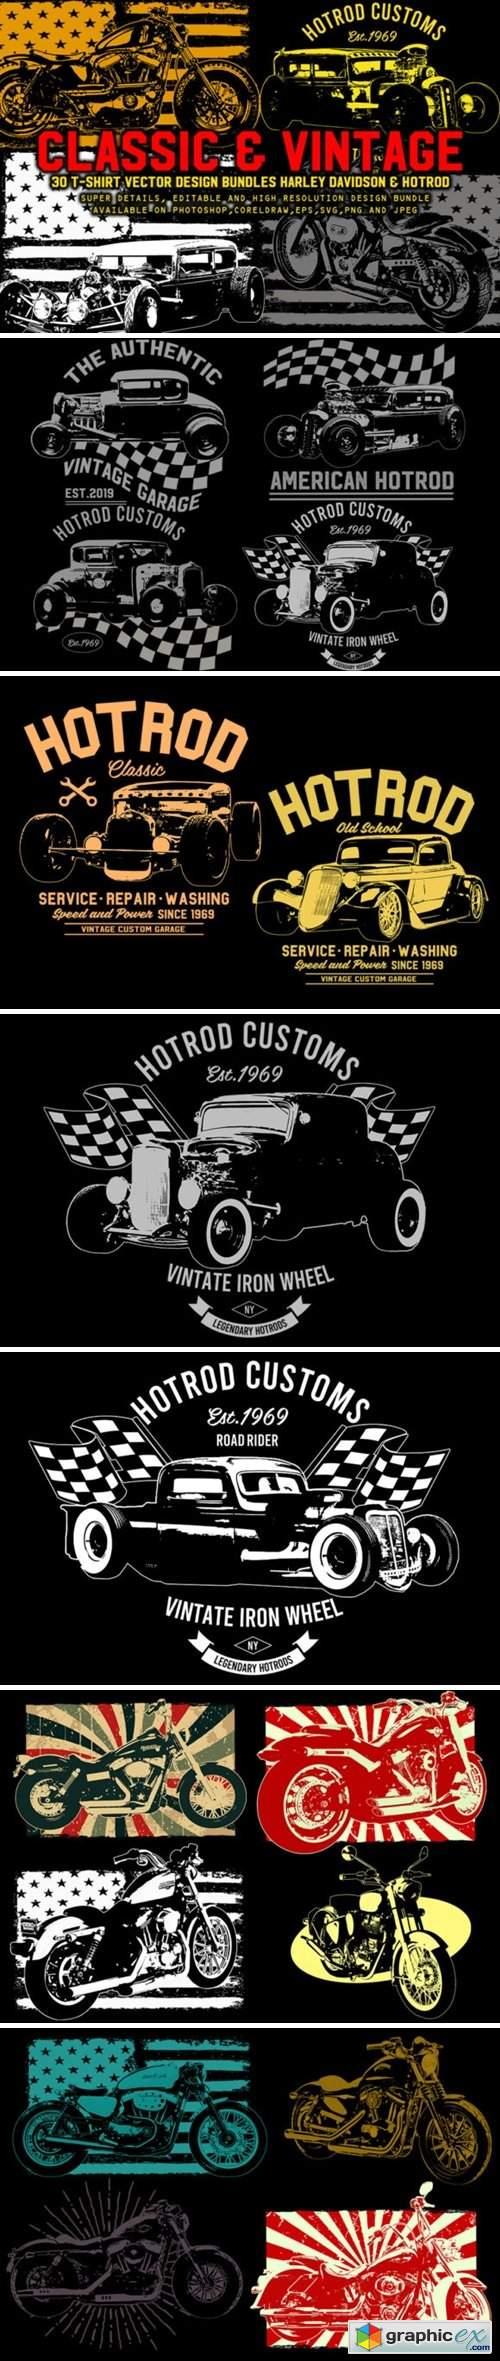 Vintage Harley & Hotrod Bundle Pack